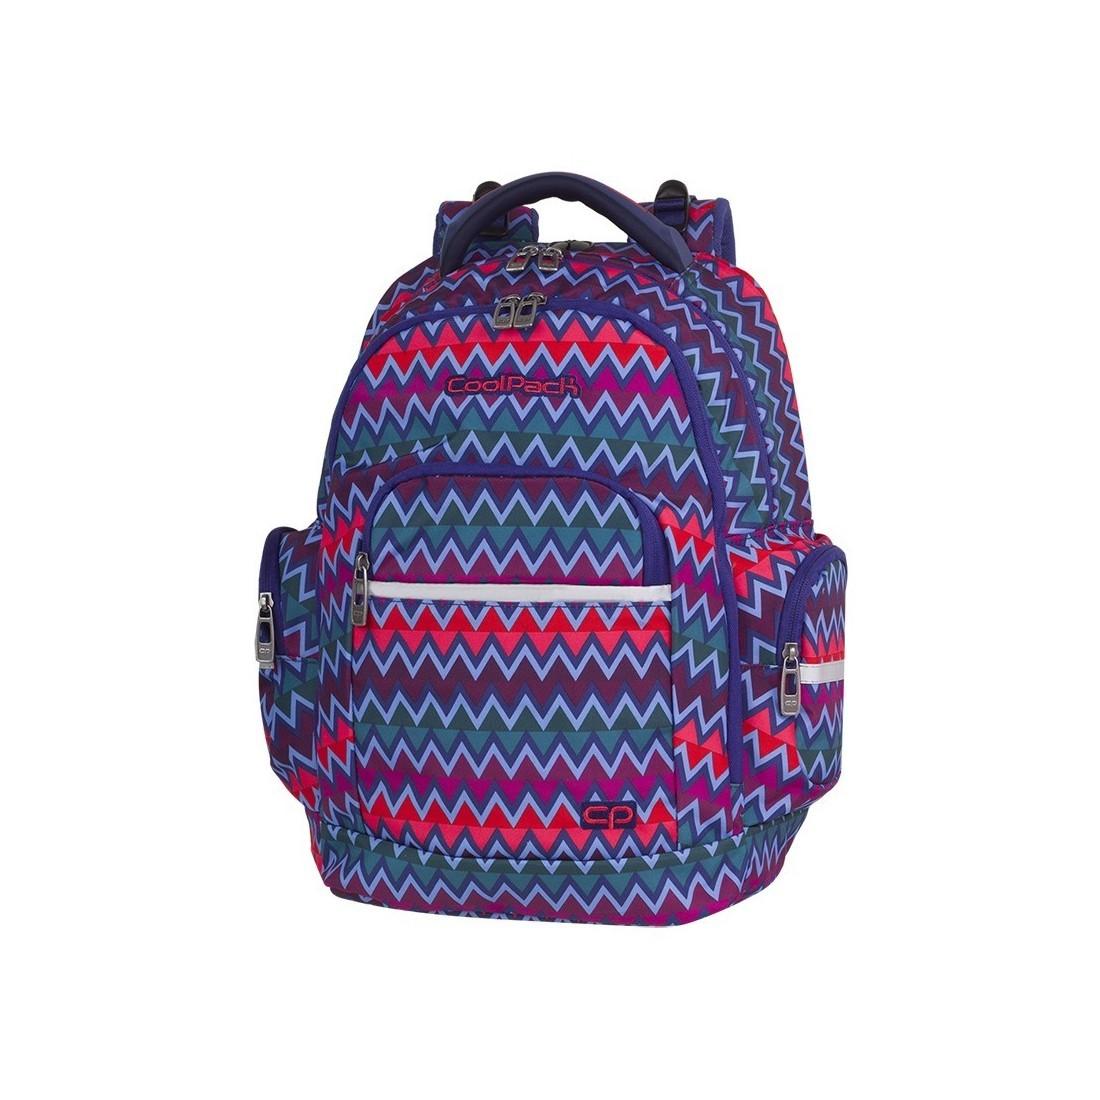 20258c0d1b6cf Plecak szkolny CoolPack CP BRICK CHEVRON STRIPES kolorowe zygzaki ...